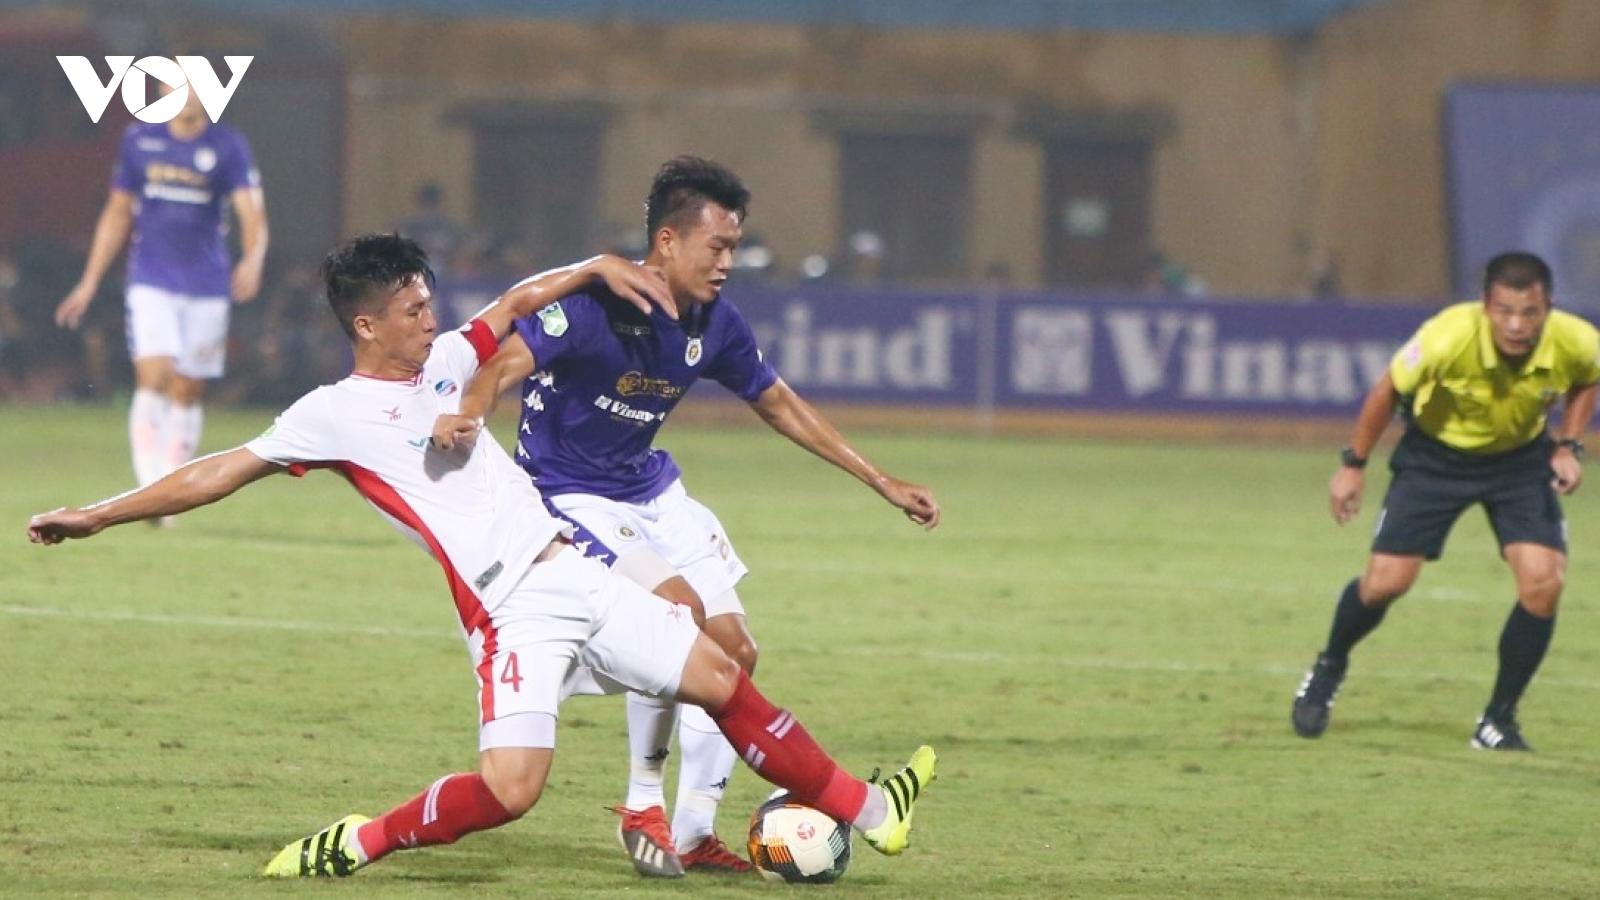 Khoảnh khắc BHL Hà Nội FC vỡ hòa cảm xúc khi đội nhà vô địch Cúp Quốc gia 2020